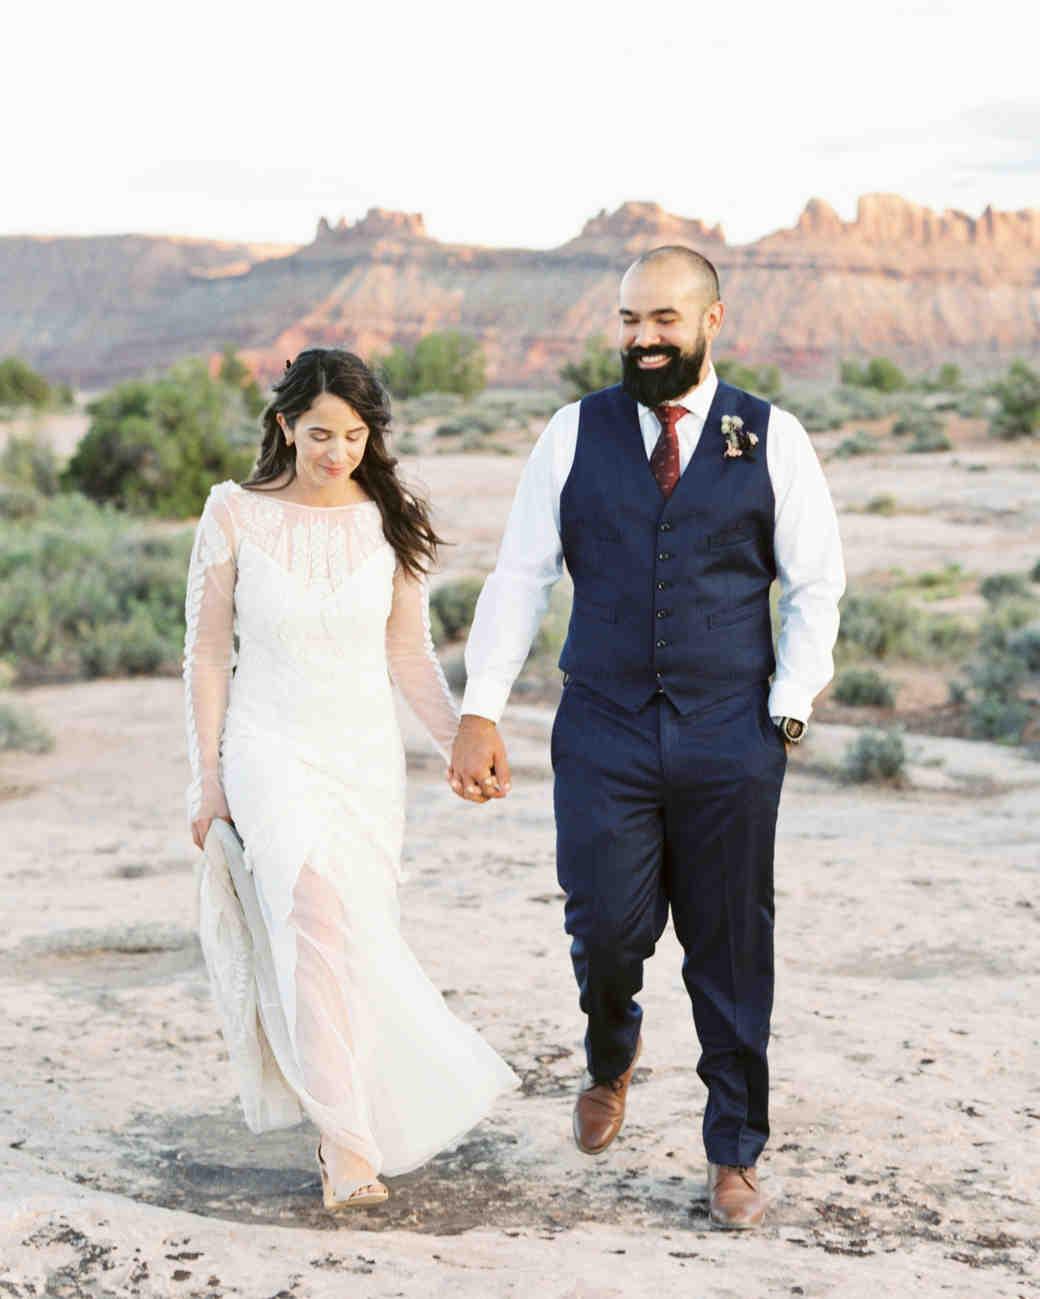 jeanette david wedding desert couple walking